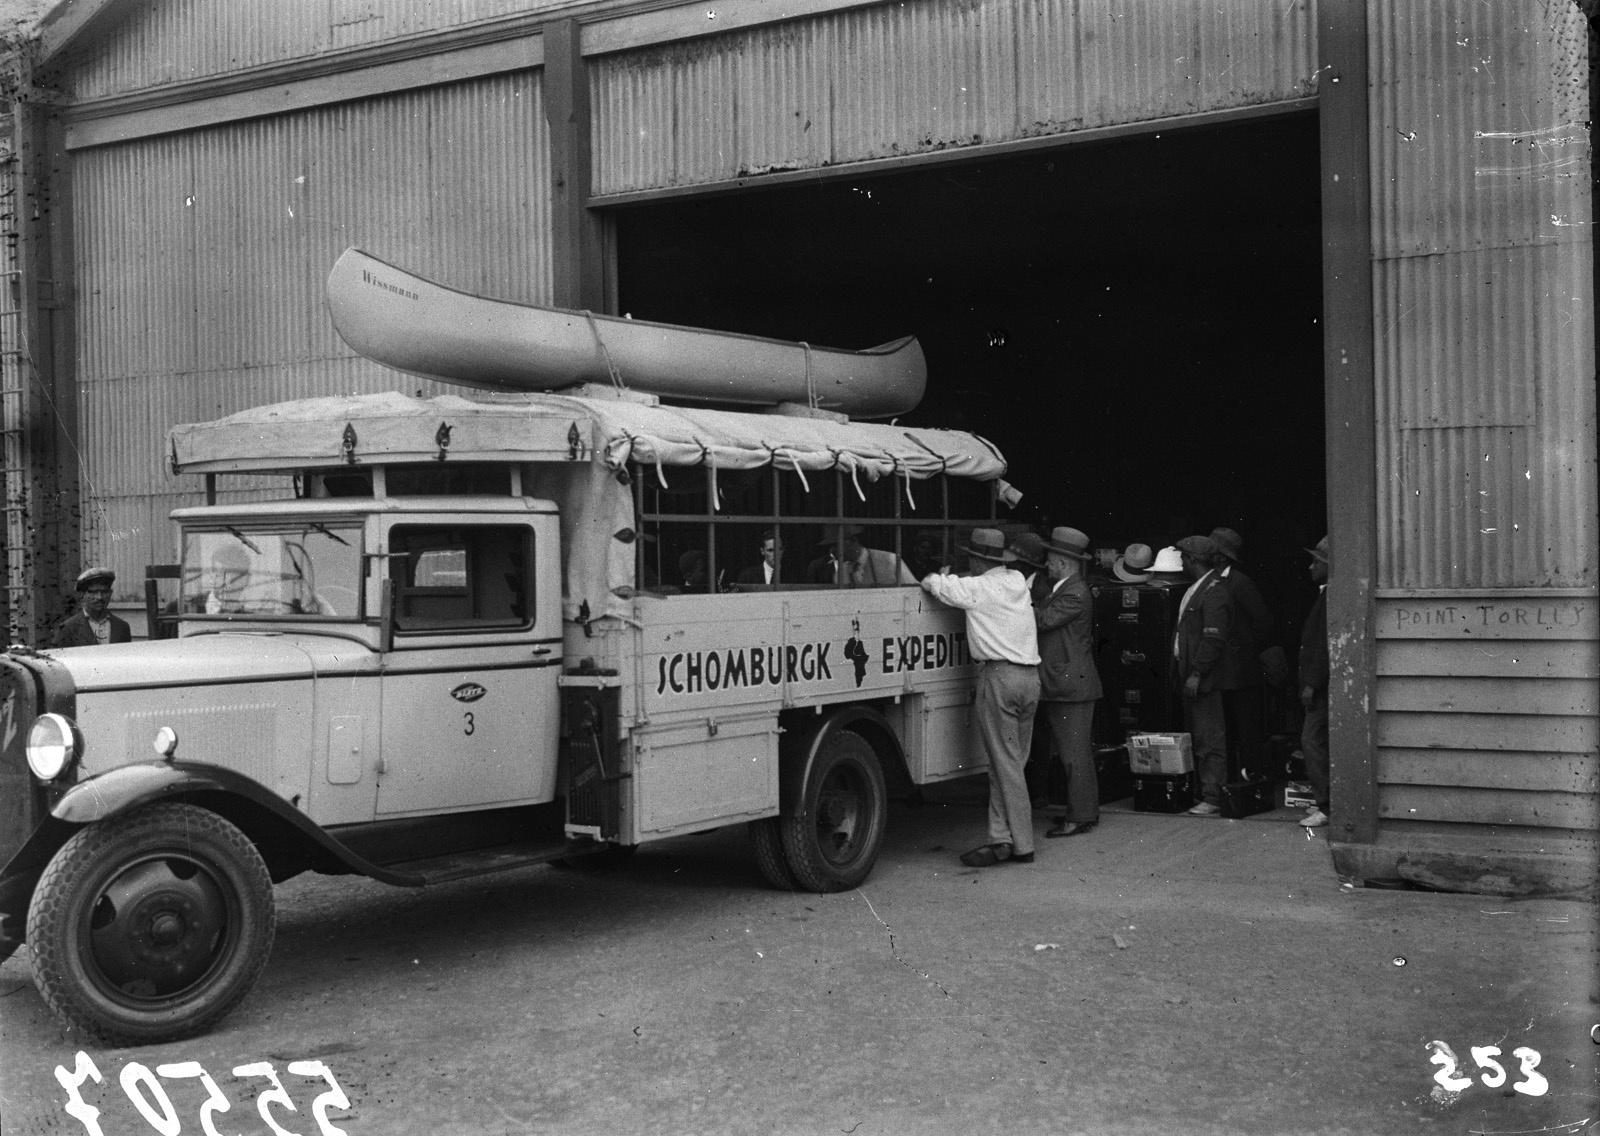 Южно-Африканский Союз. Претория. Автомобиль Opel с каноэ на крыше, окруженный членами экспедиции